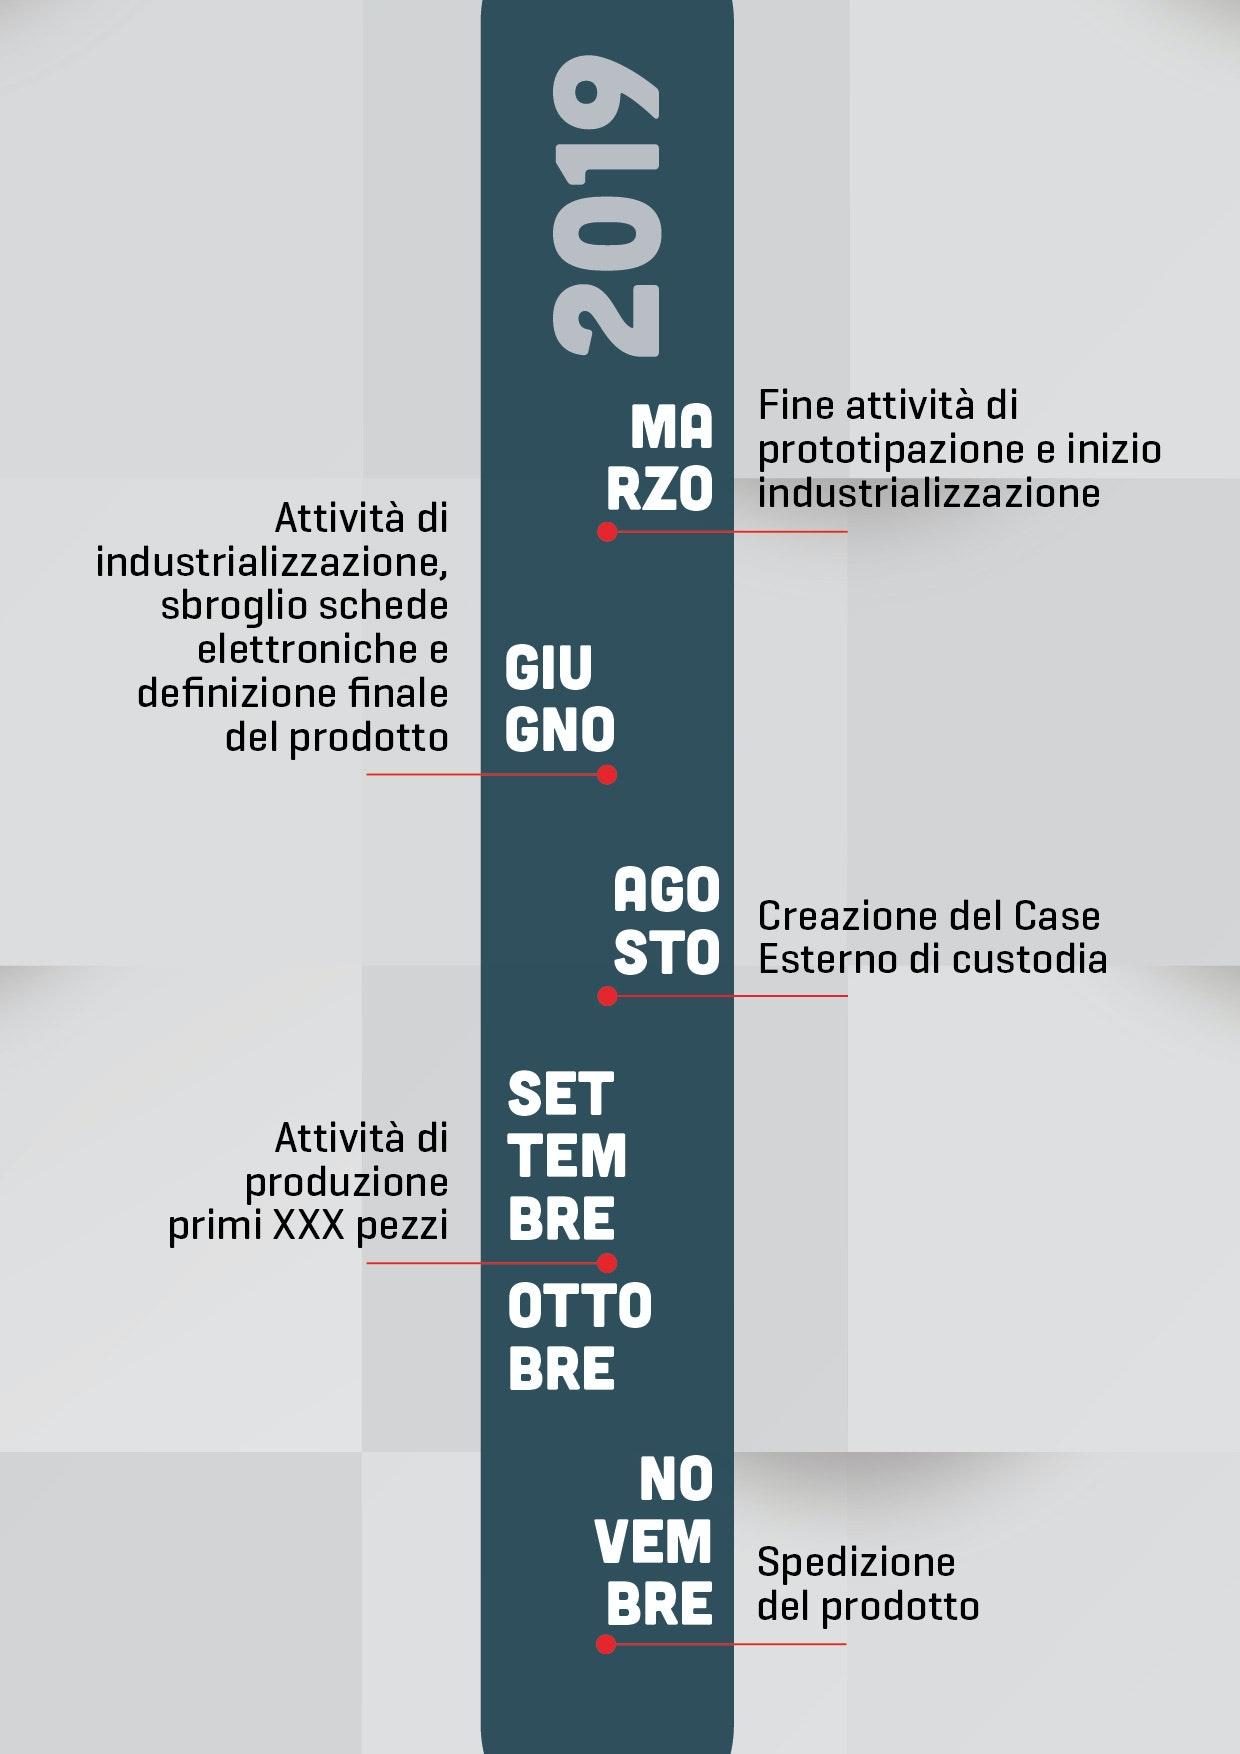 1547680003285362 ambrogio infografiche 02